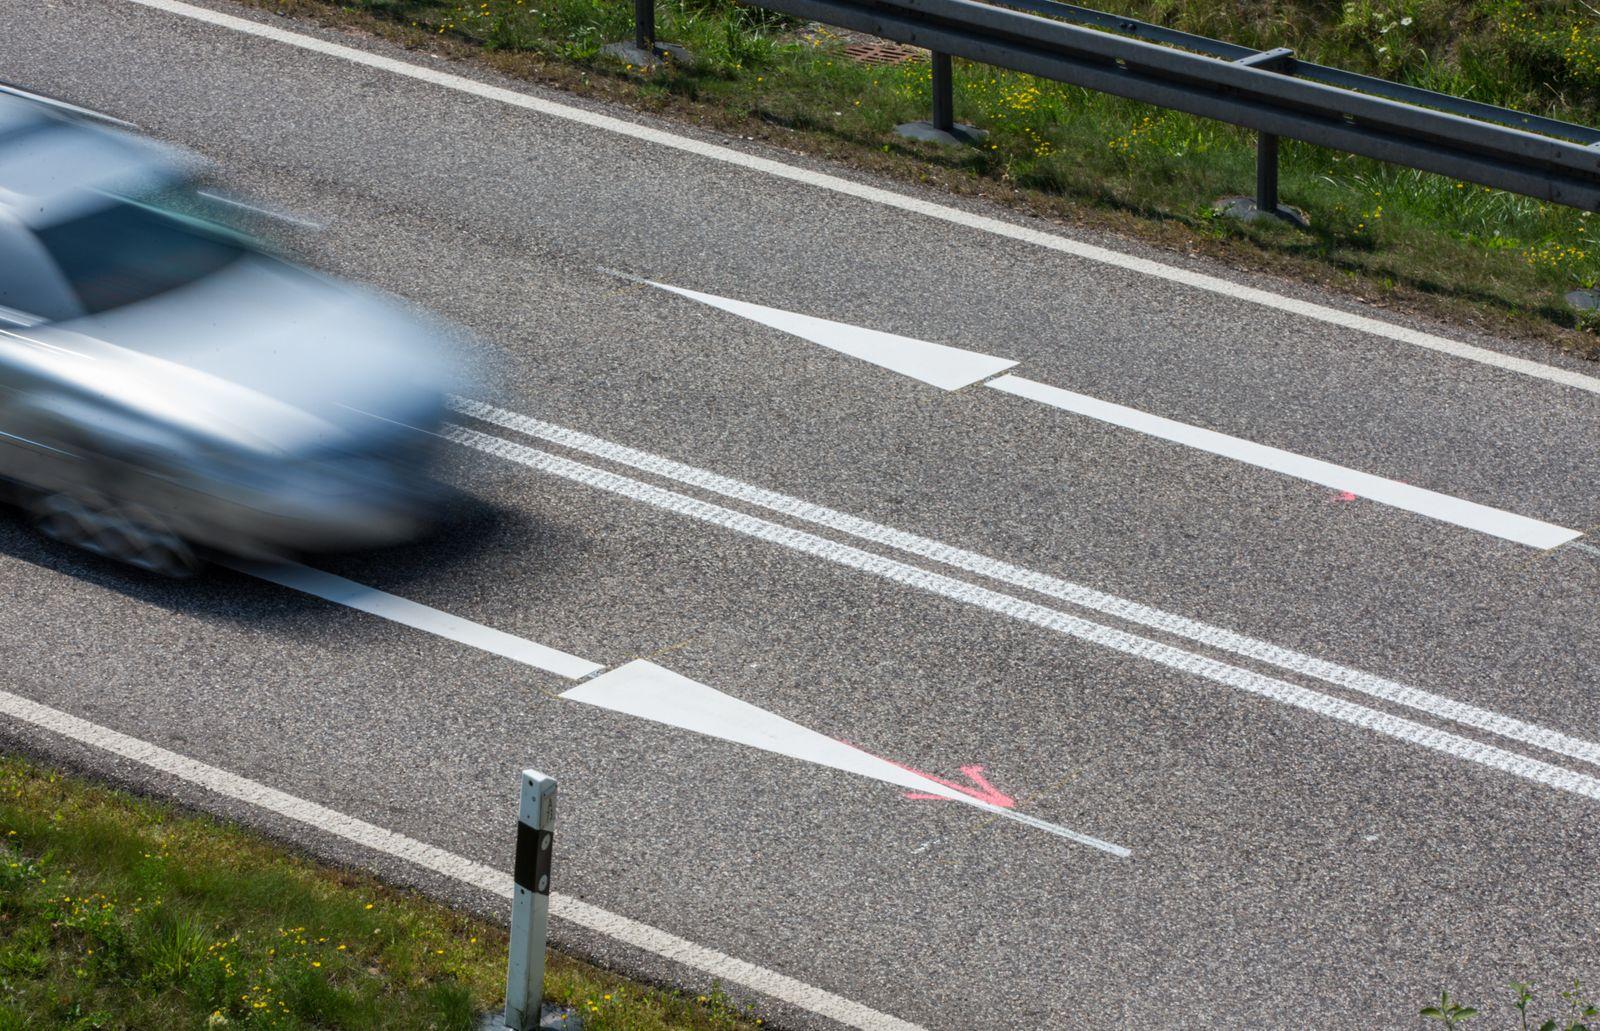 Symbolbild - Verkehr auf der Autobahn